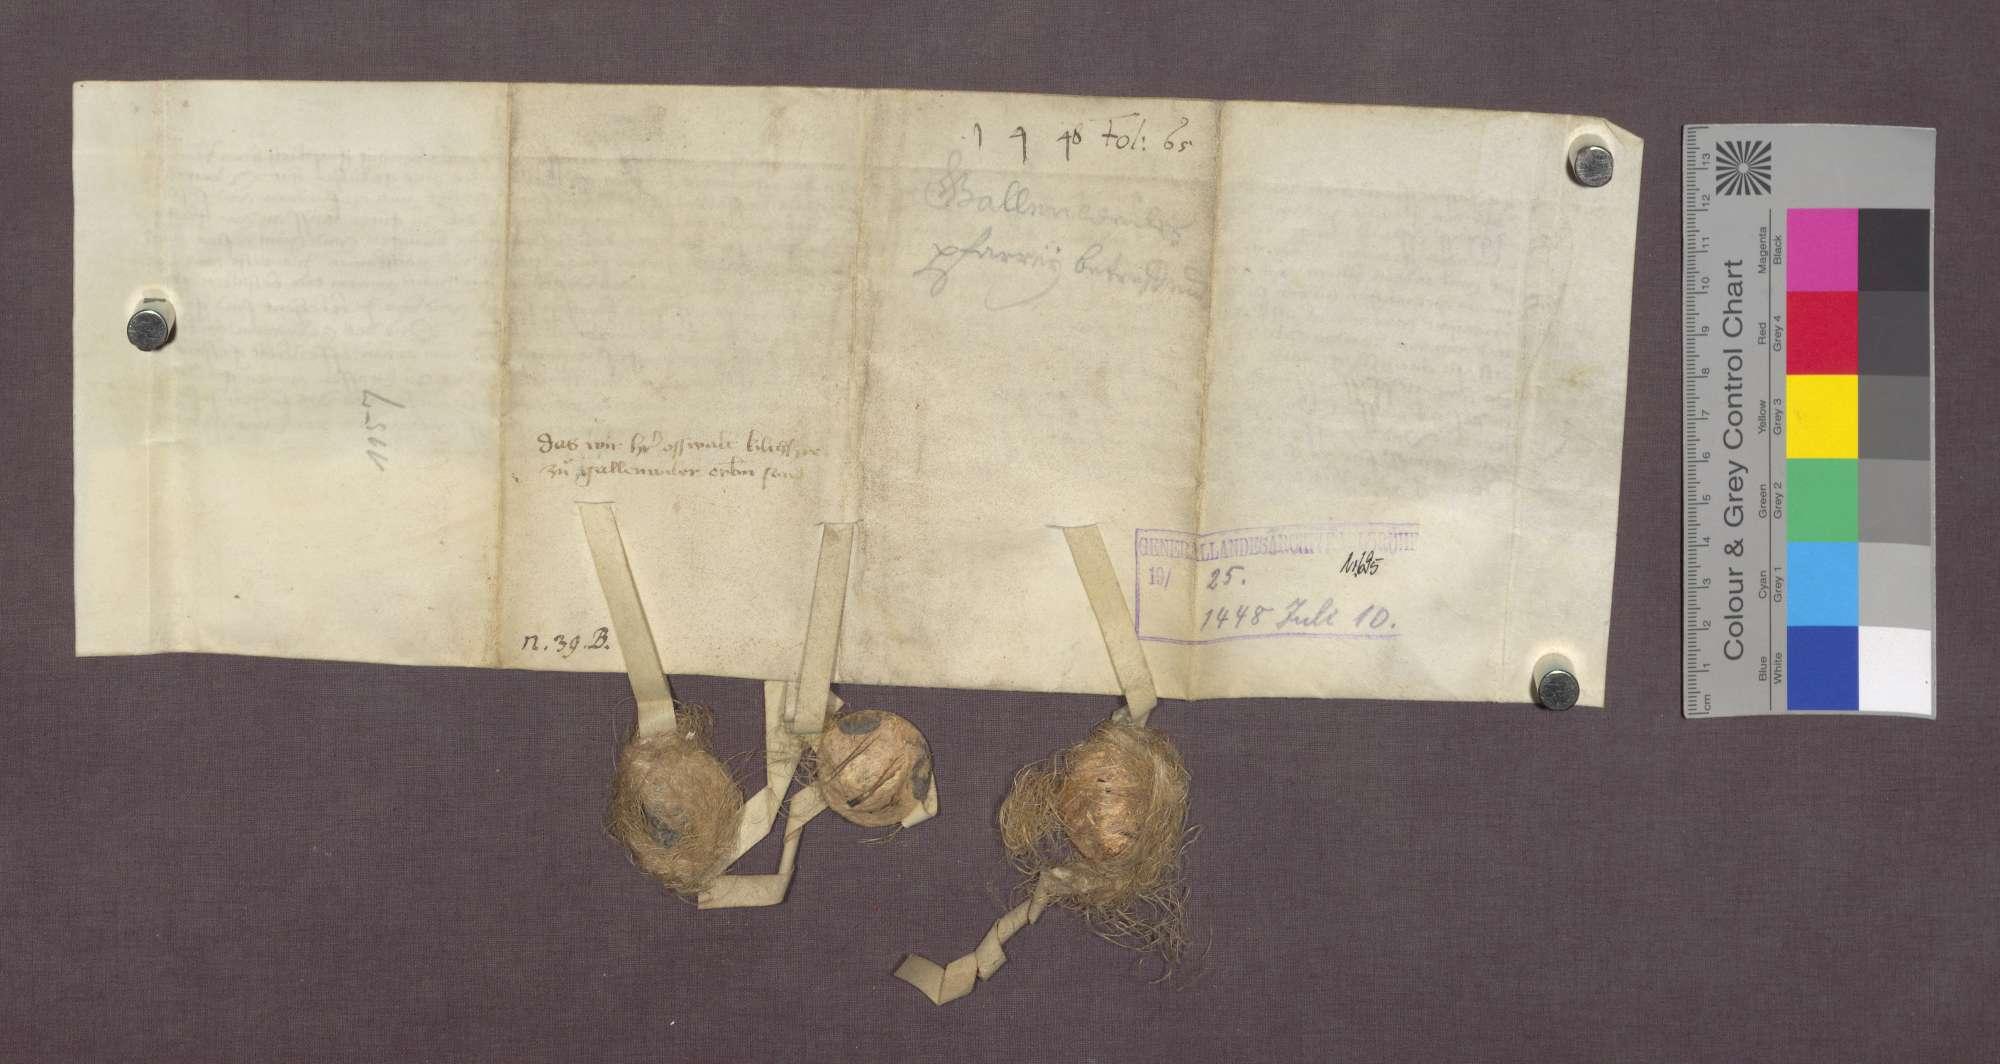 Revers des Oswald Herly gegenüber die Abtei St. Blasien über die Bestallung zum Pfarrer in Gallenweiler., Bild 2